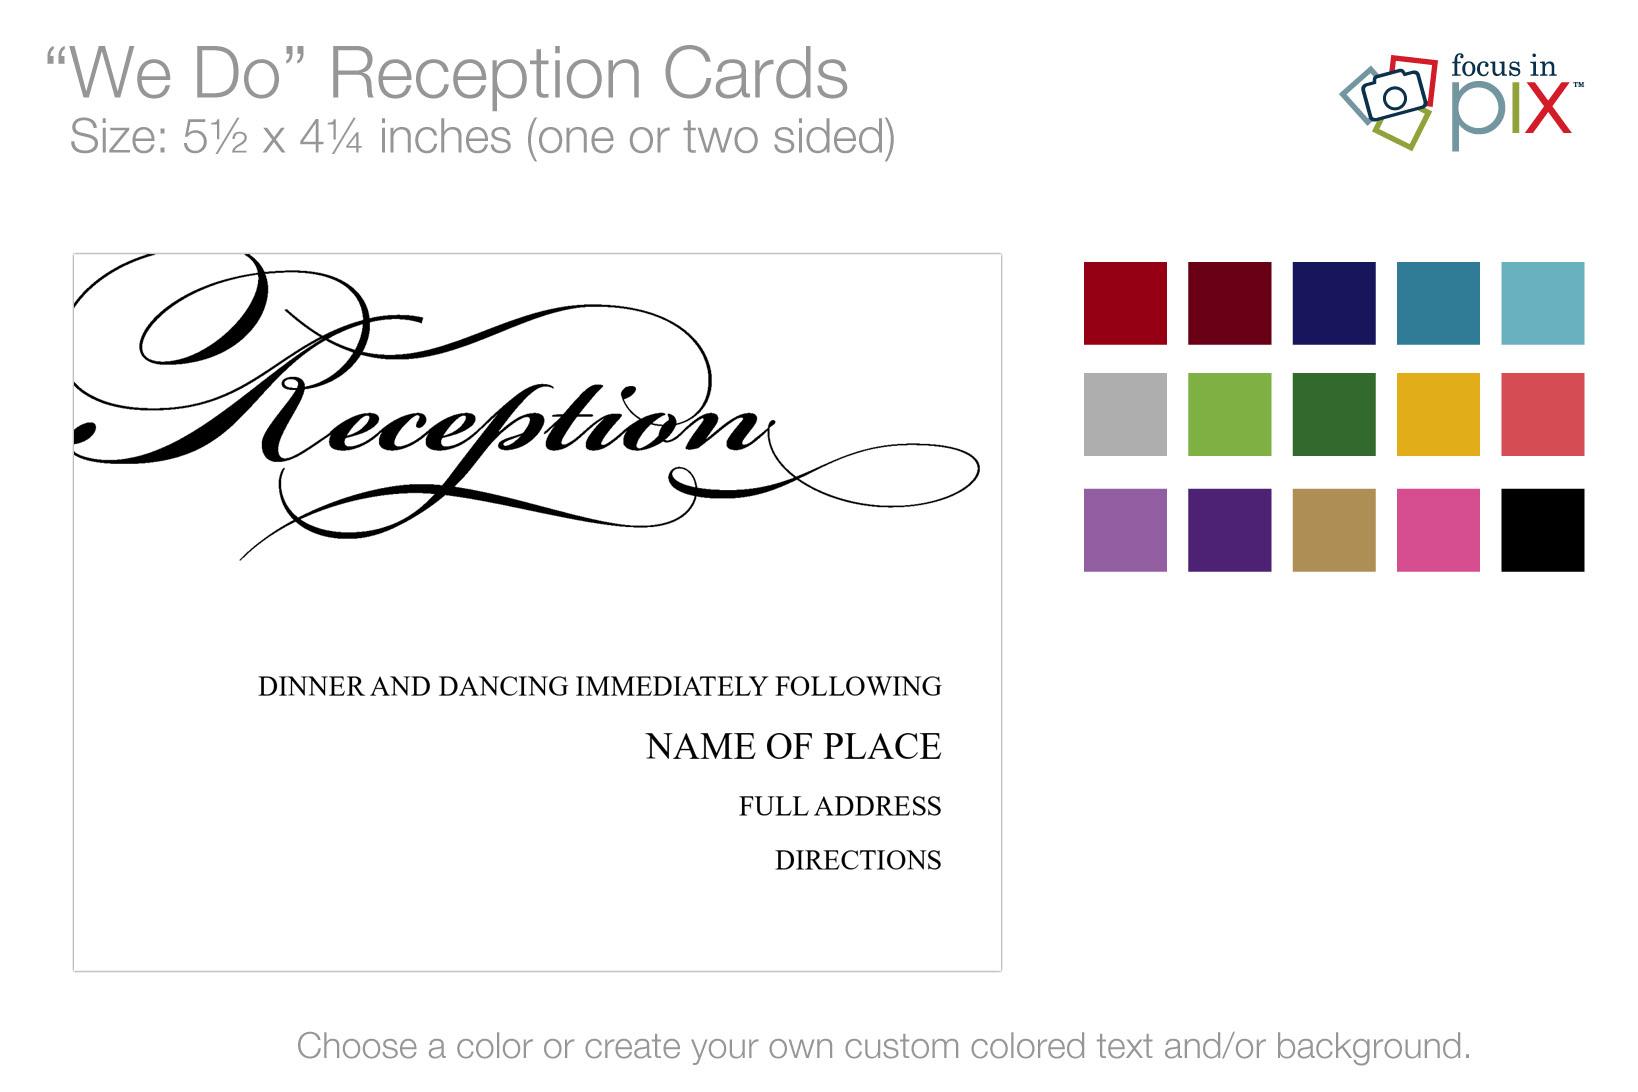 We Do Reception Cards